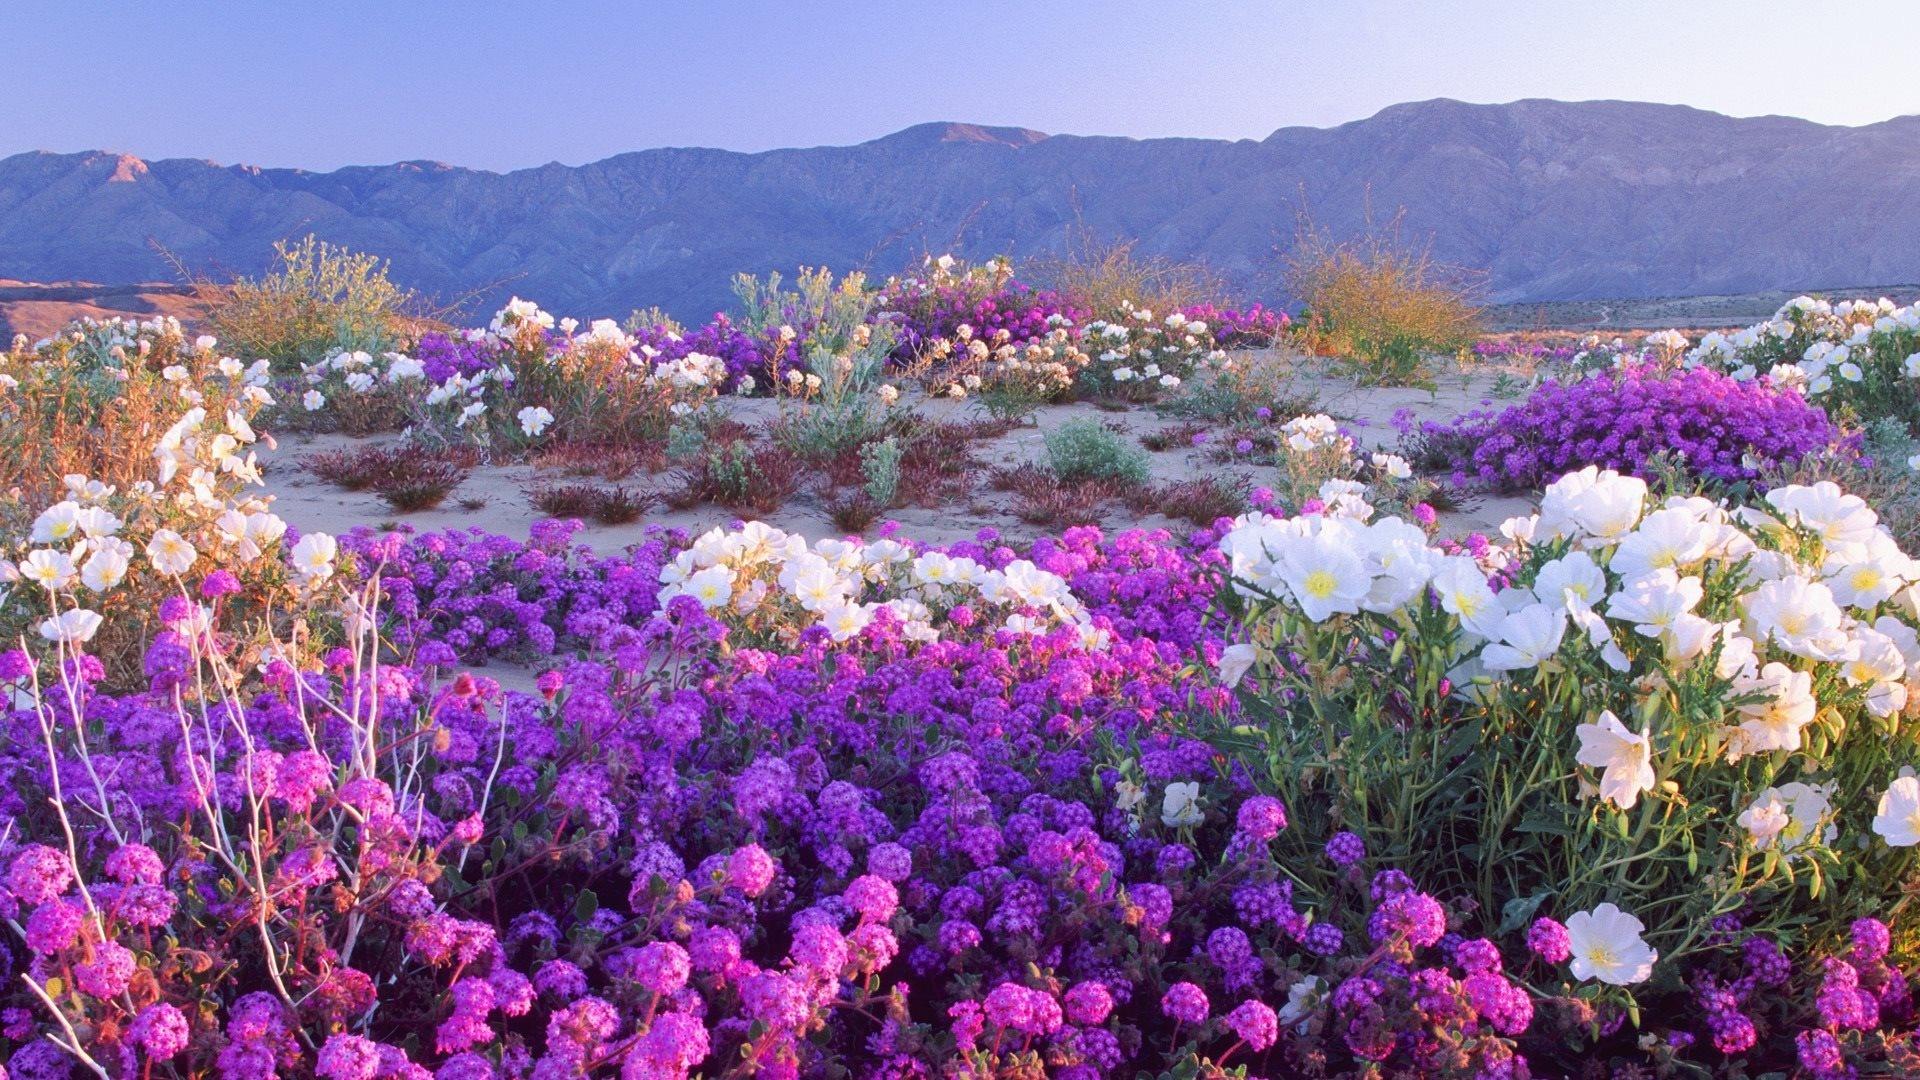 بالصور صور مناظر حلوه , مناظر الطبيعة الخلابة اسرة للروح 3213 9